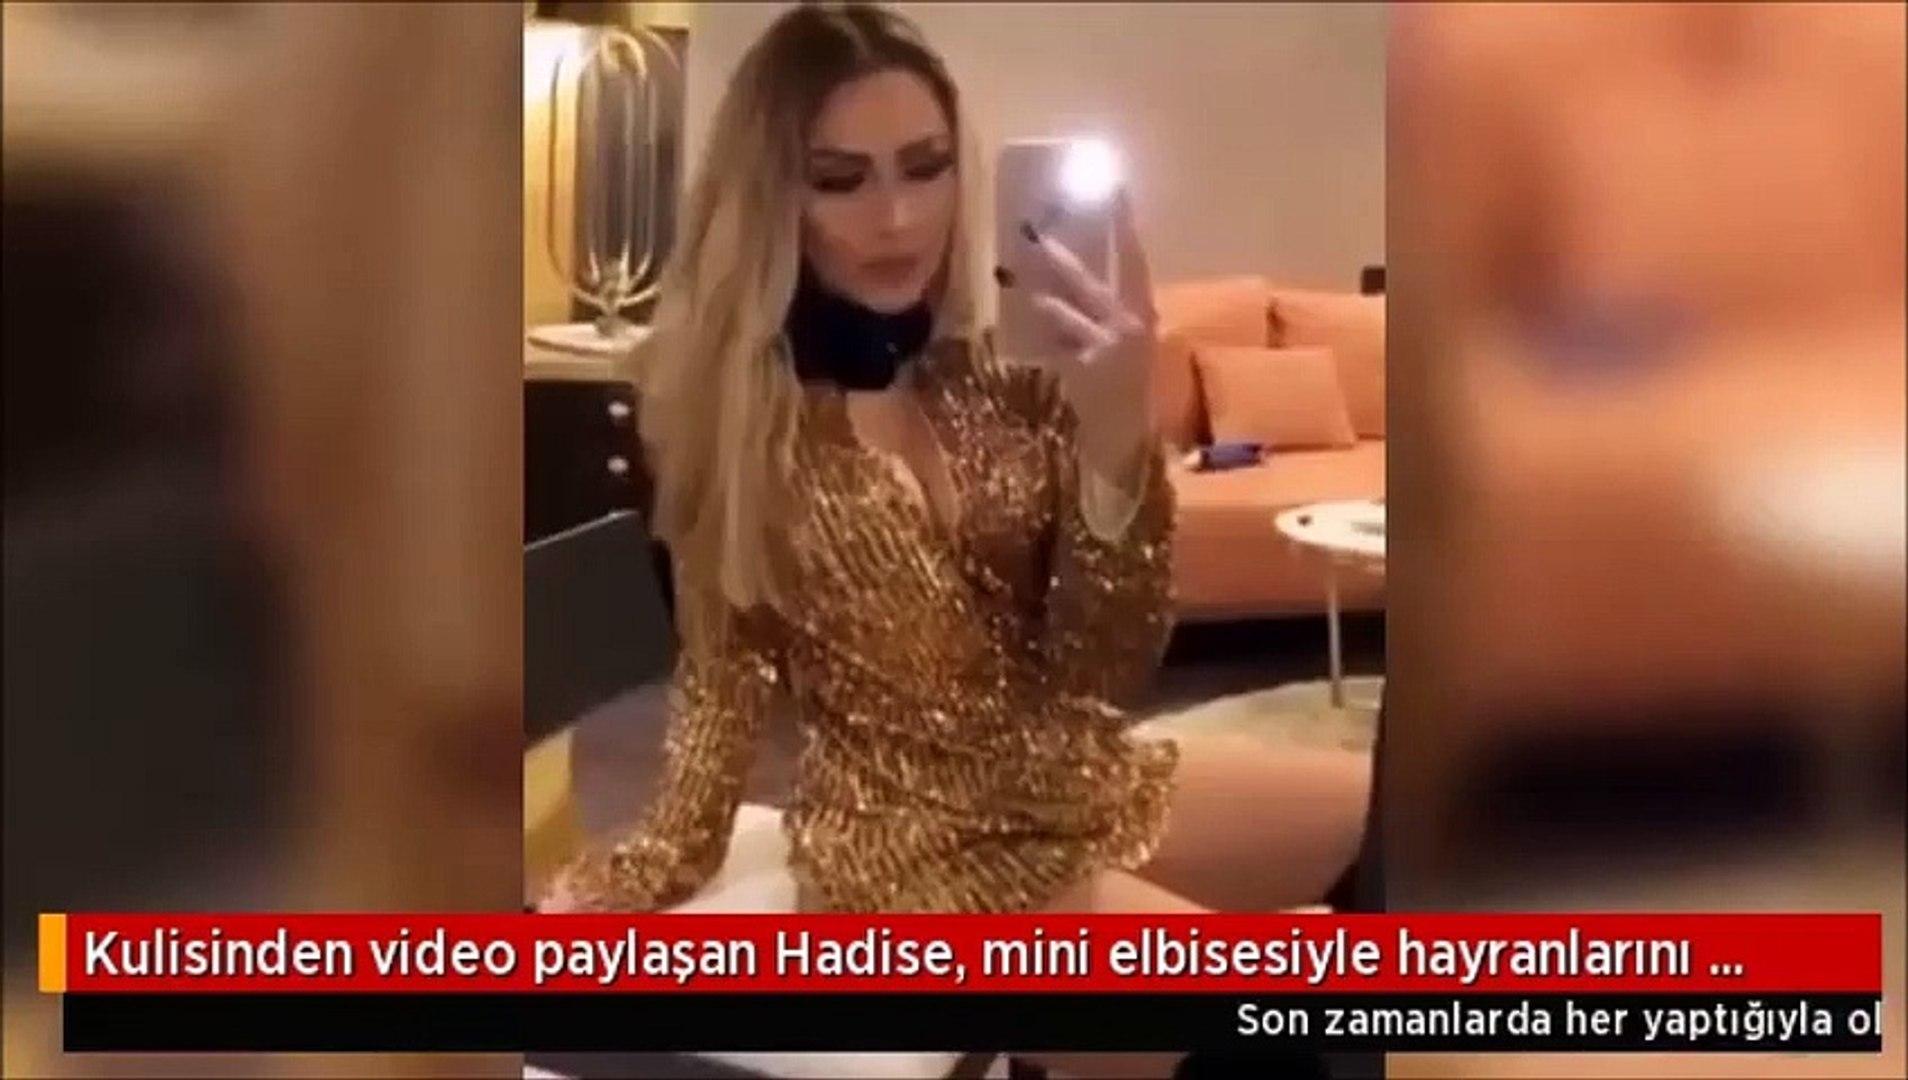 Kulisinden video paylaşan Hadise, dekoltesiyle yürek hoplattı